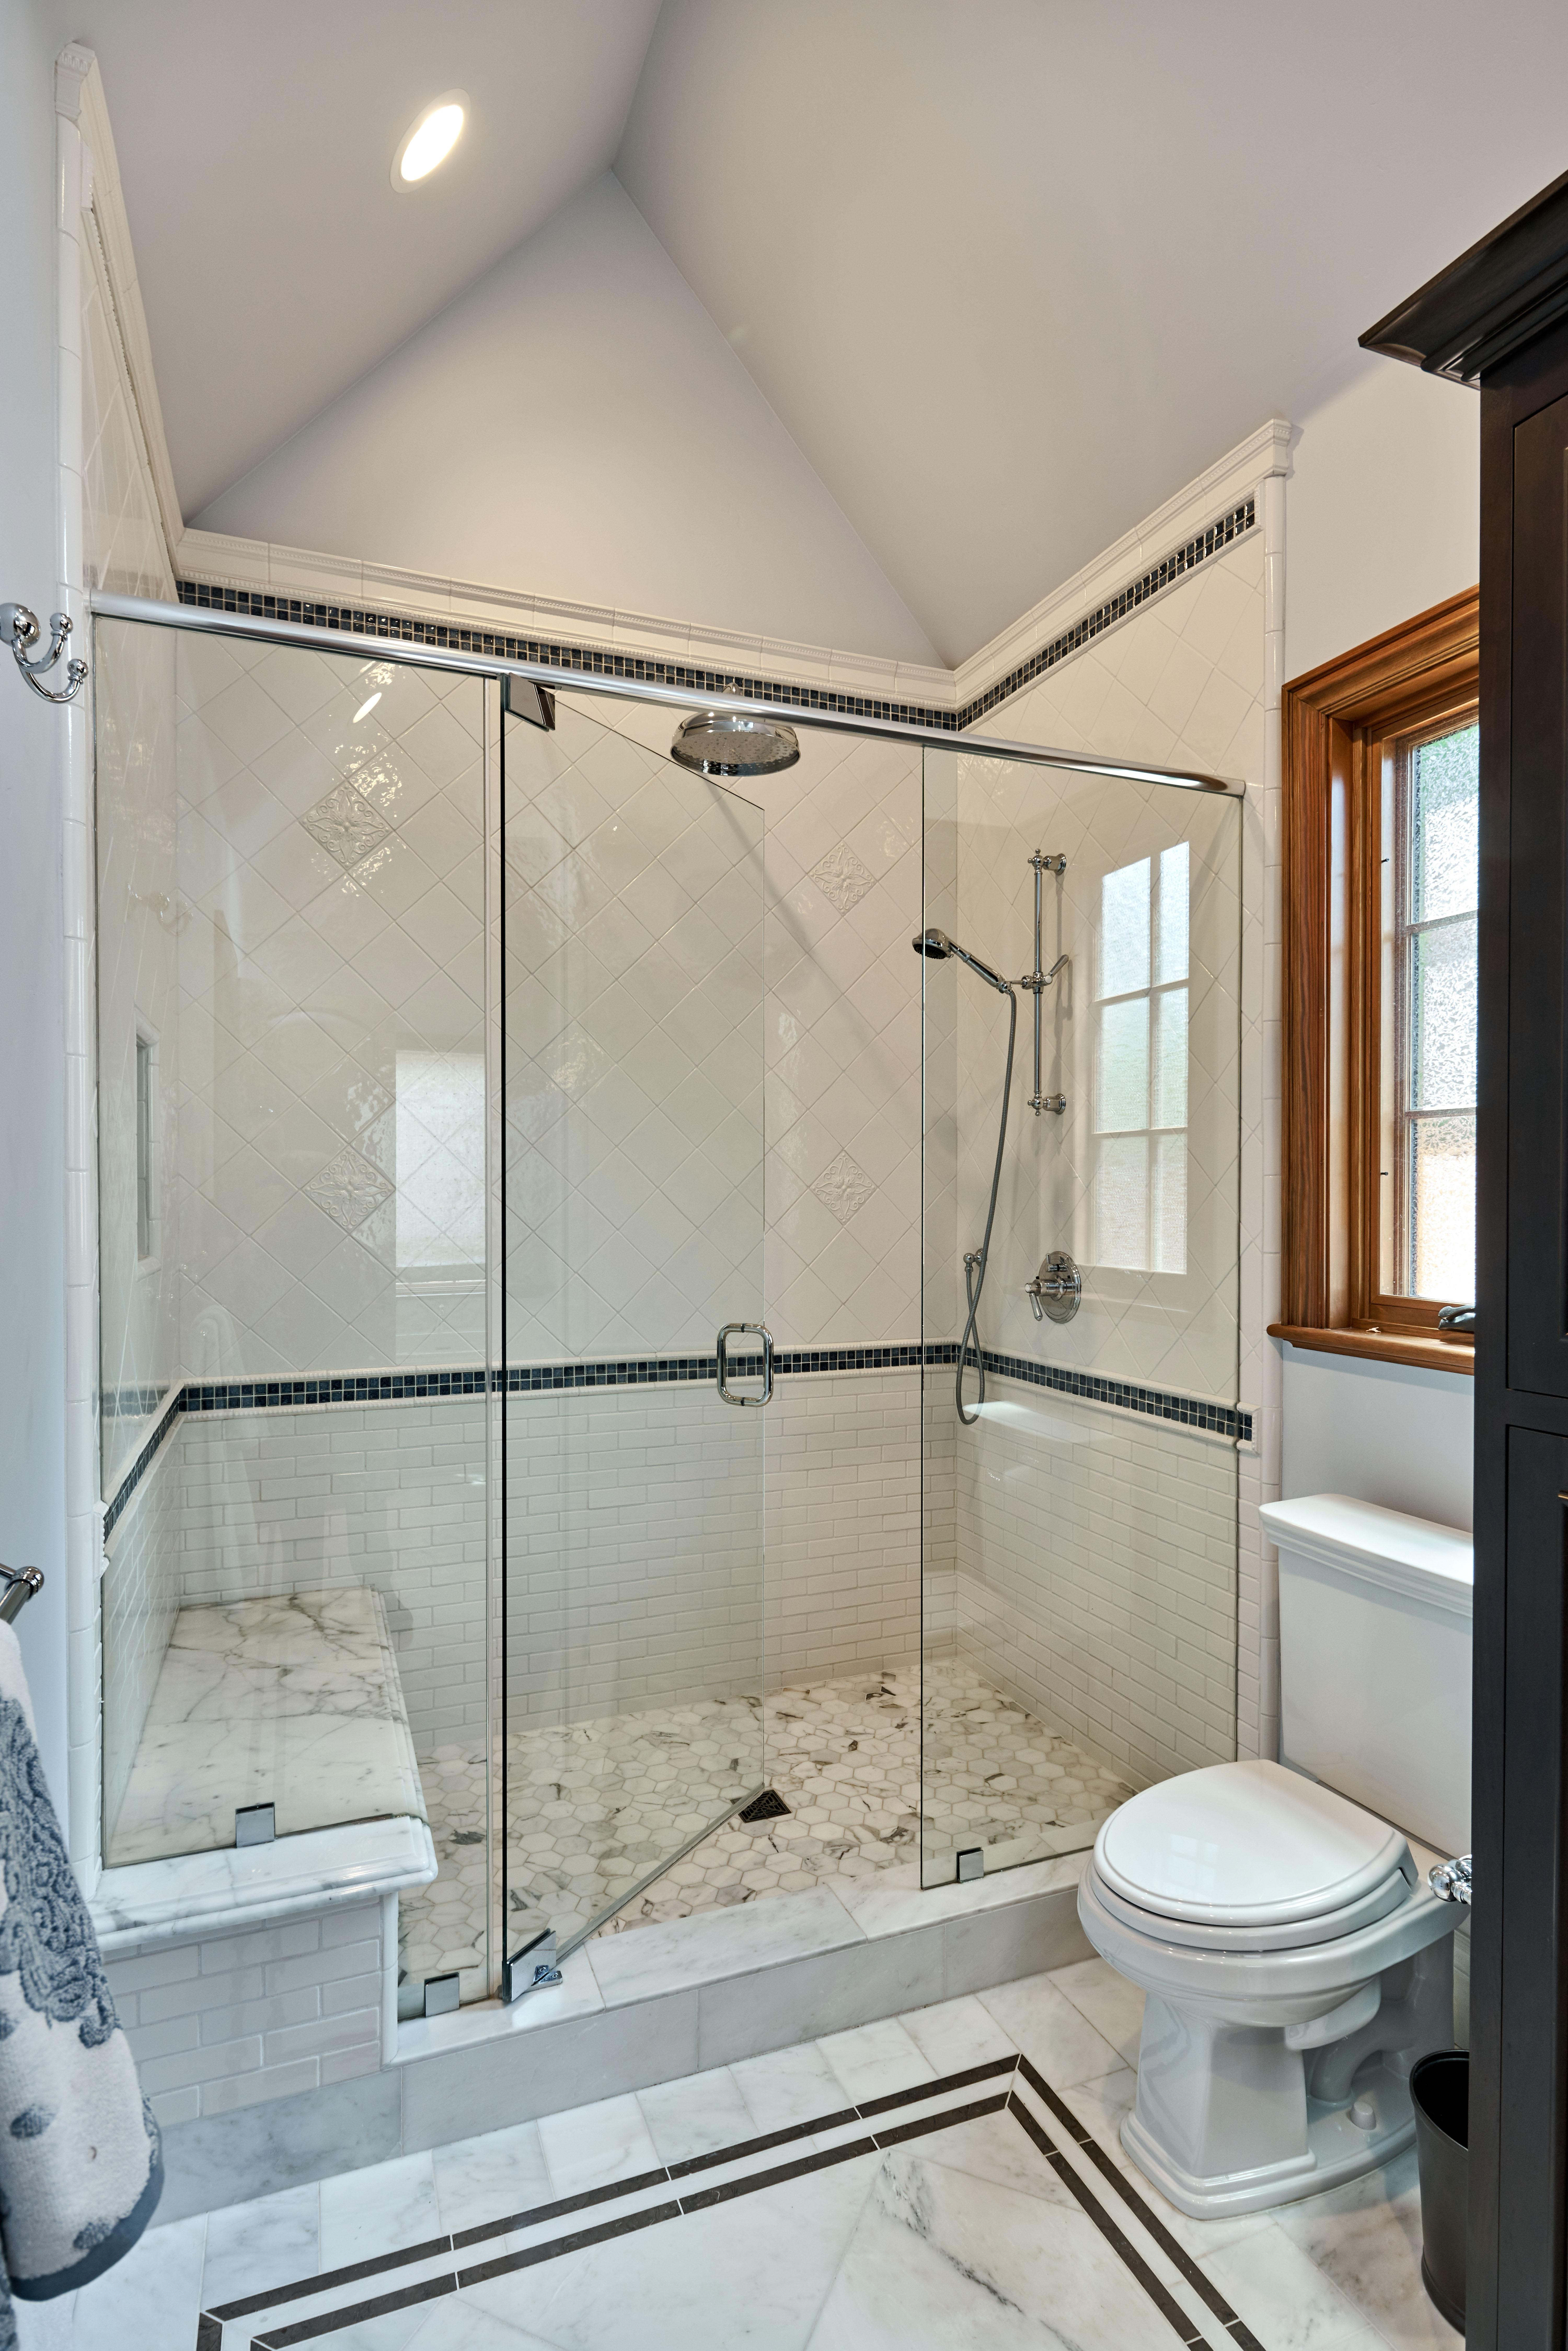 Master Bath - Shower